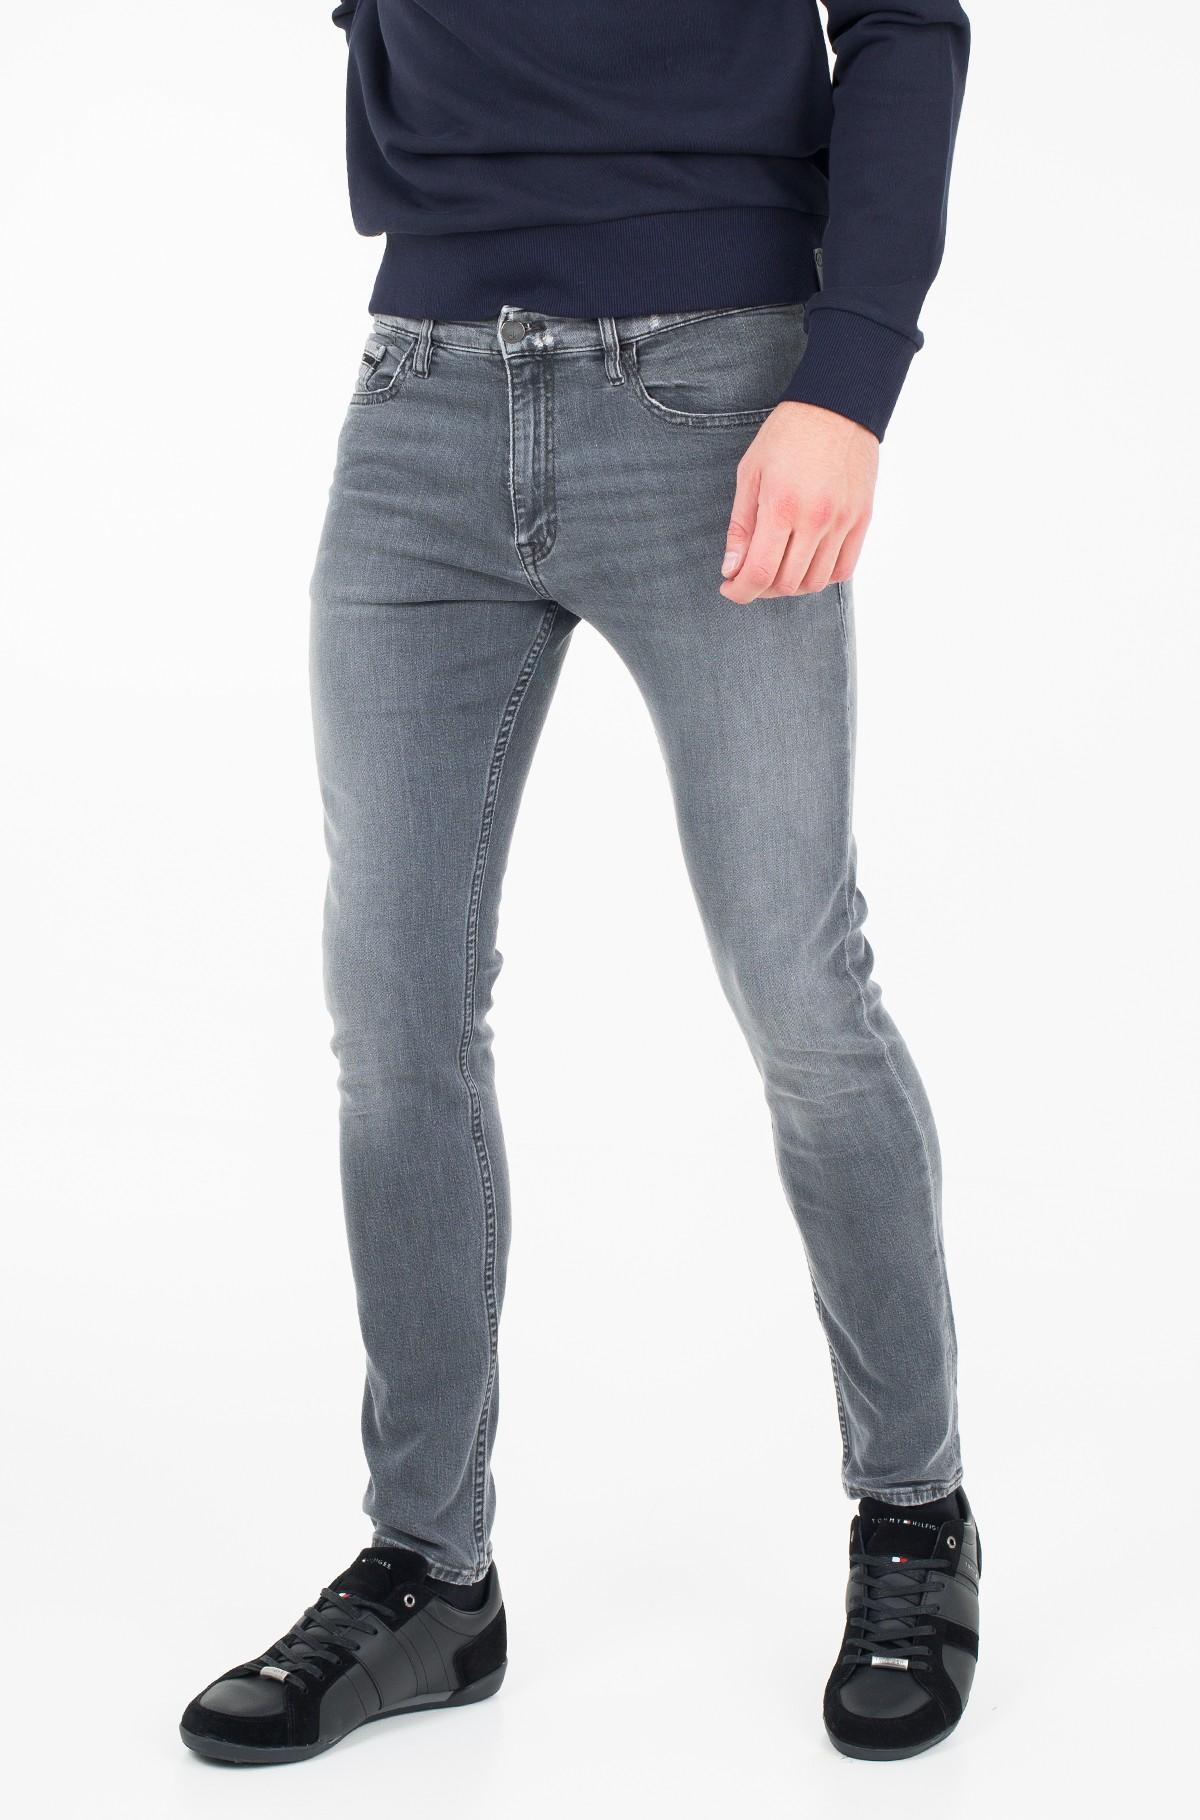 Džinsinės kelnės Skinny - Battle Grey-full-1